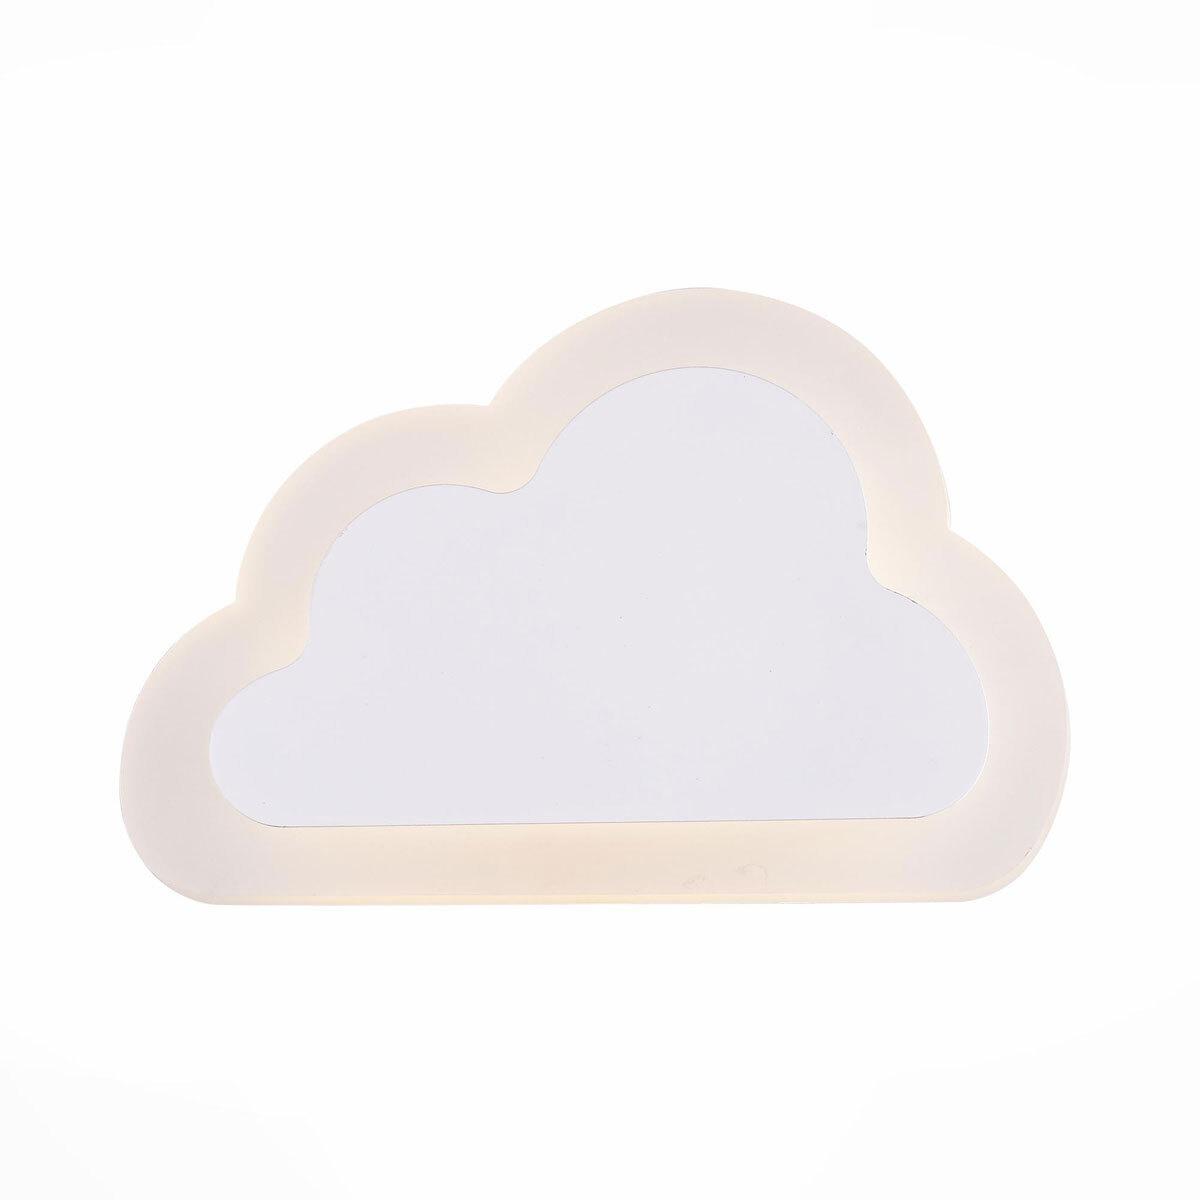 Бра ST Luce Nube SL950.501.01, LED, 11 Вт